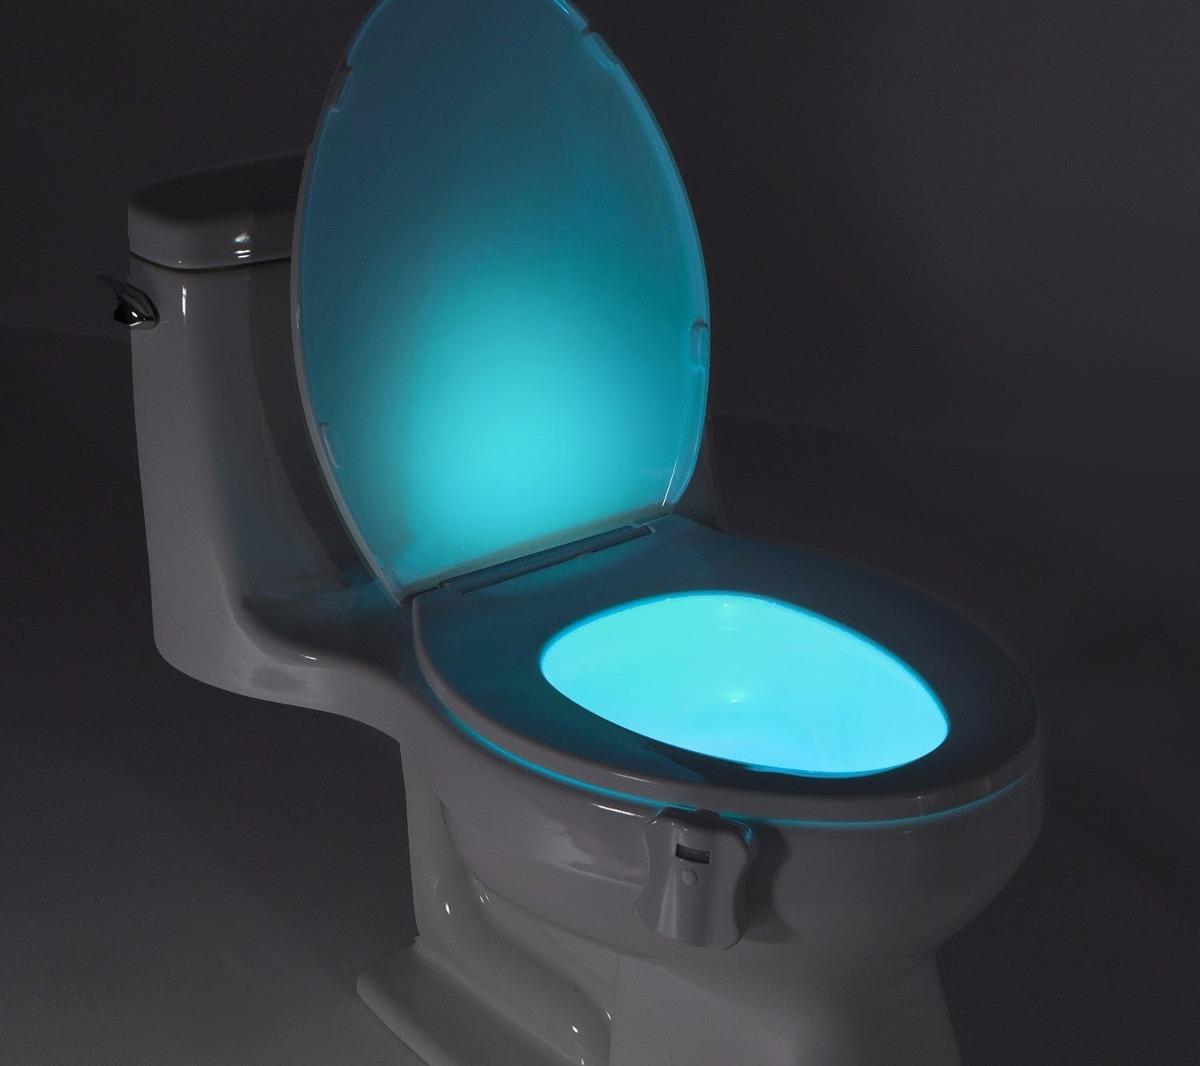 Luz led colores inodoro o sanitario 8 colores - Sanitarios de colores ...